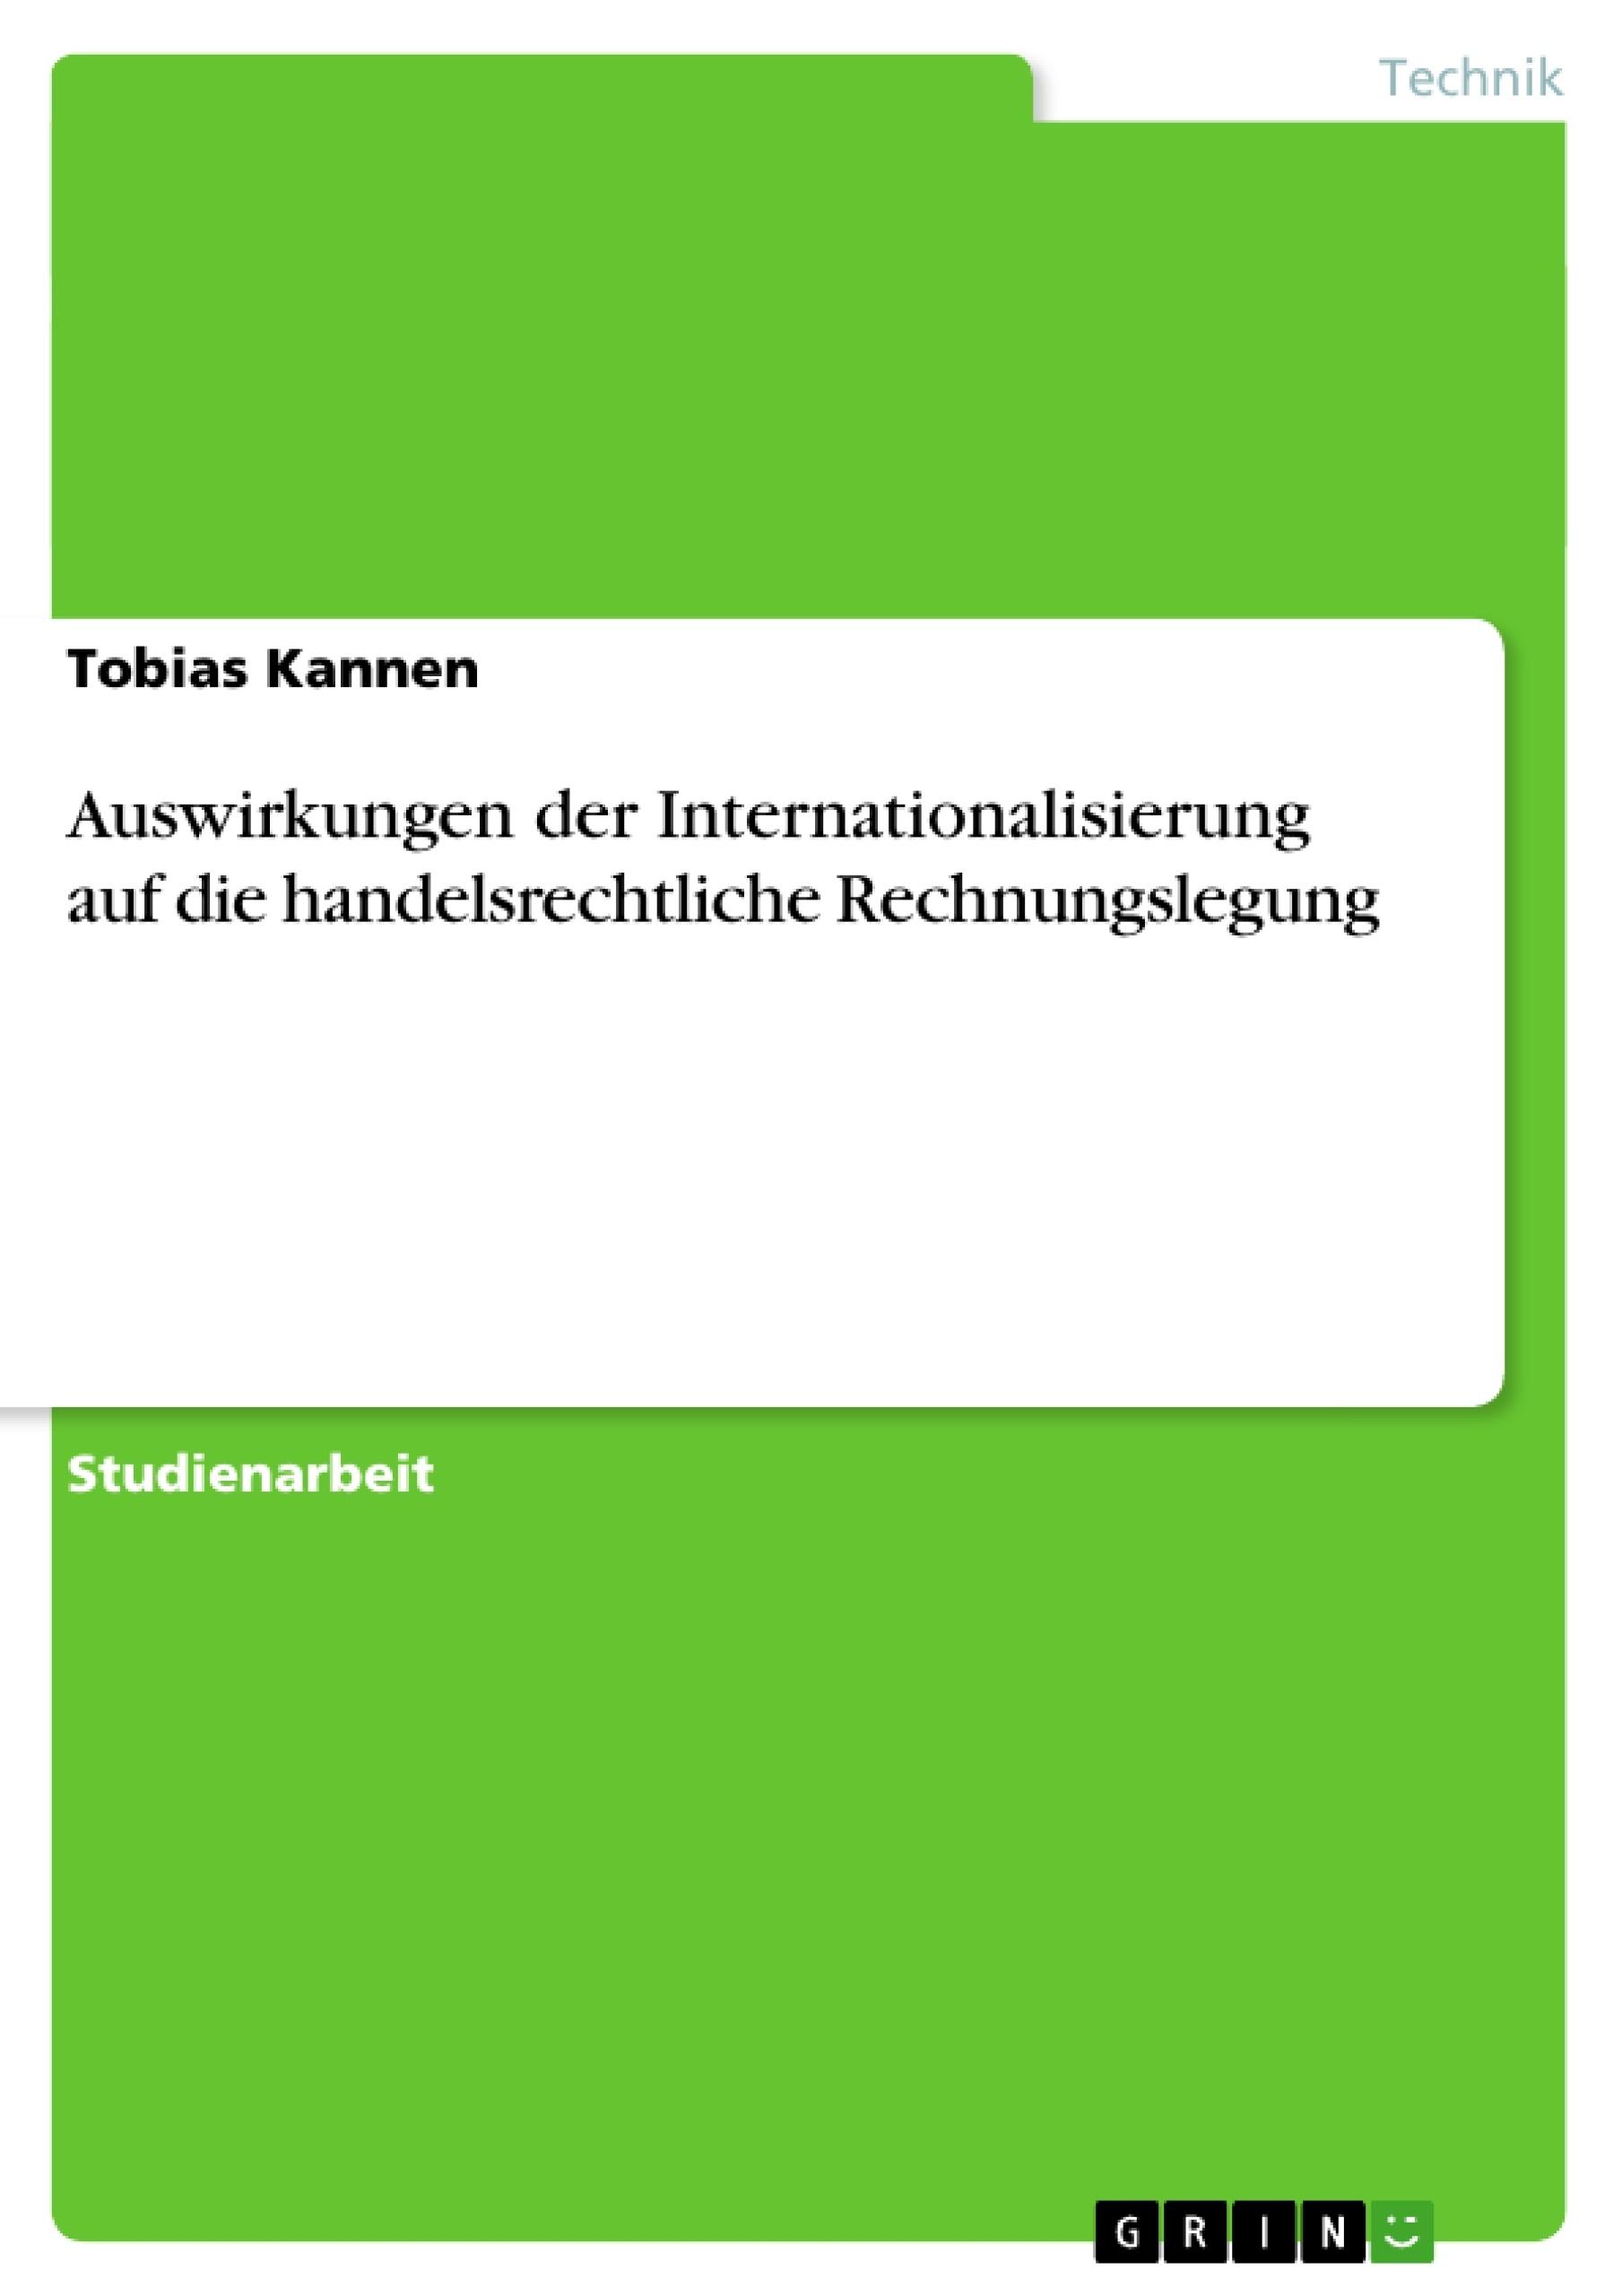 Titel: Auswirkungen der Internationalisierung auf die handelsrechtliche Rechnungslegung